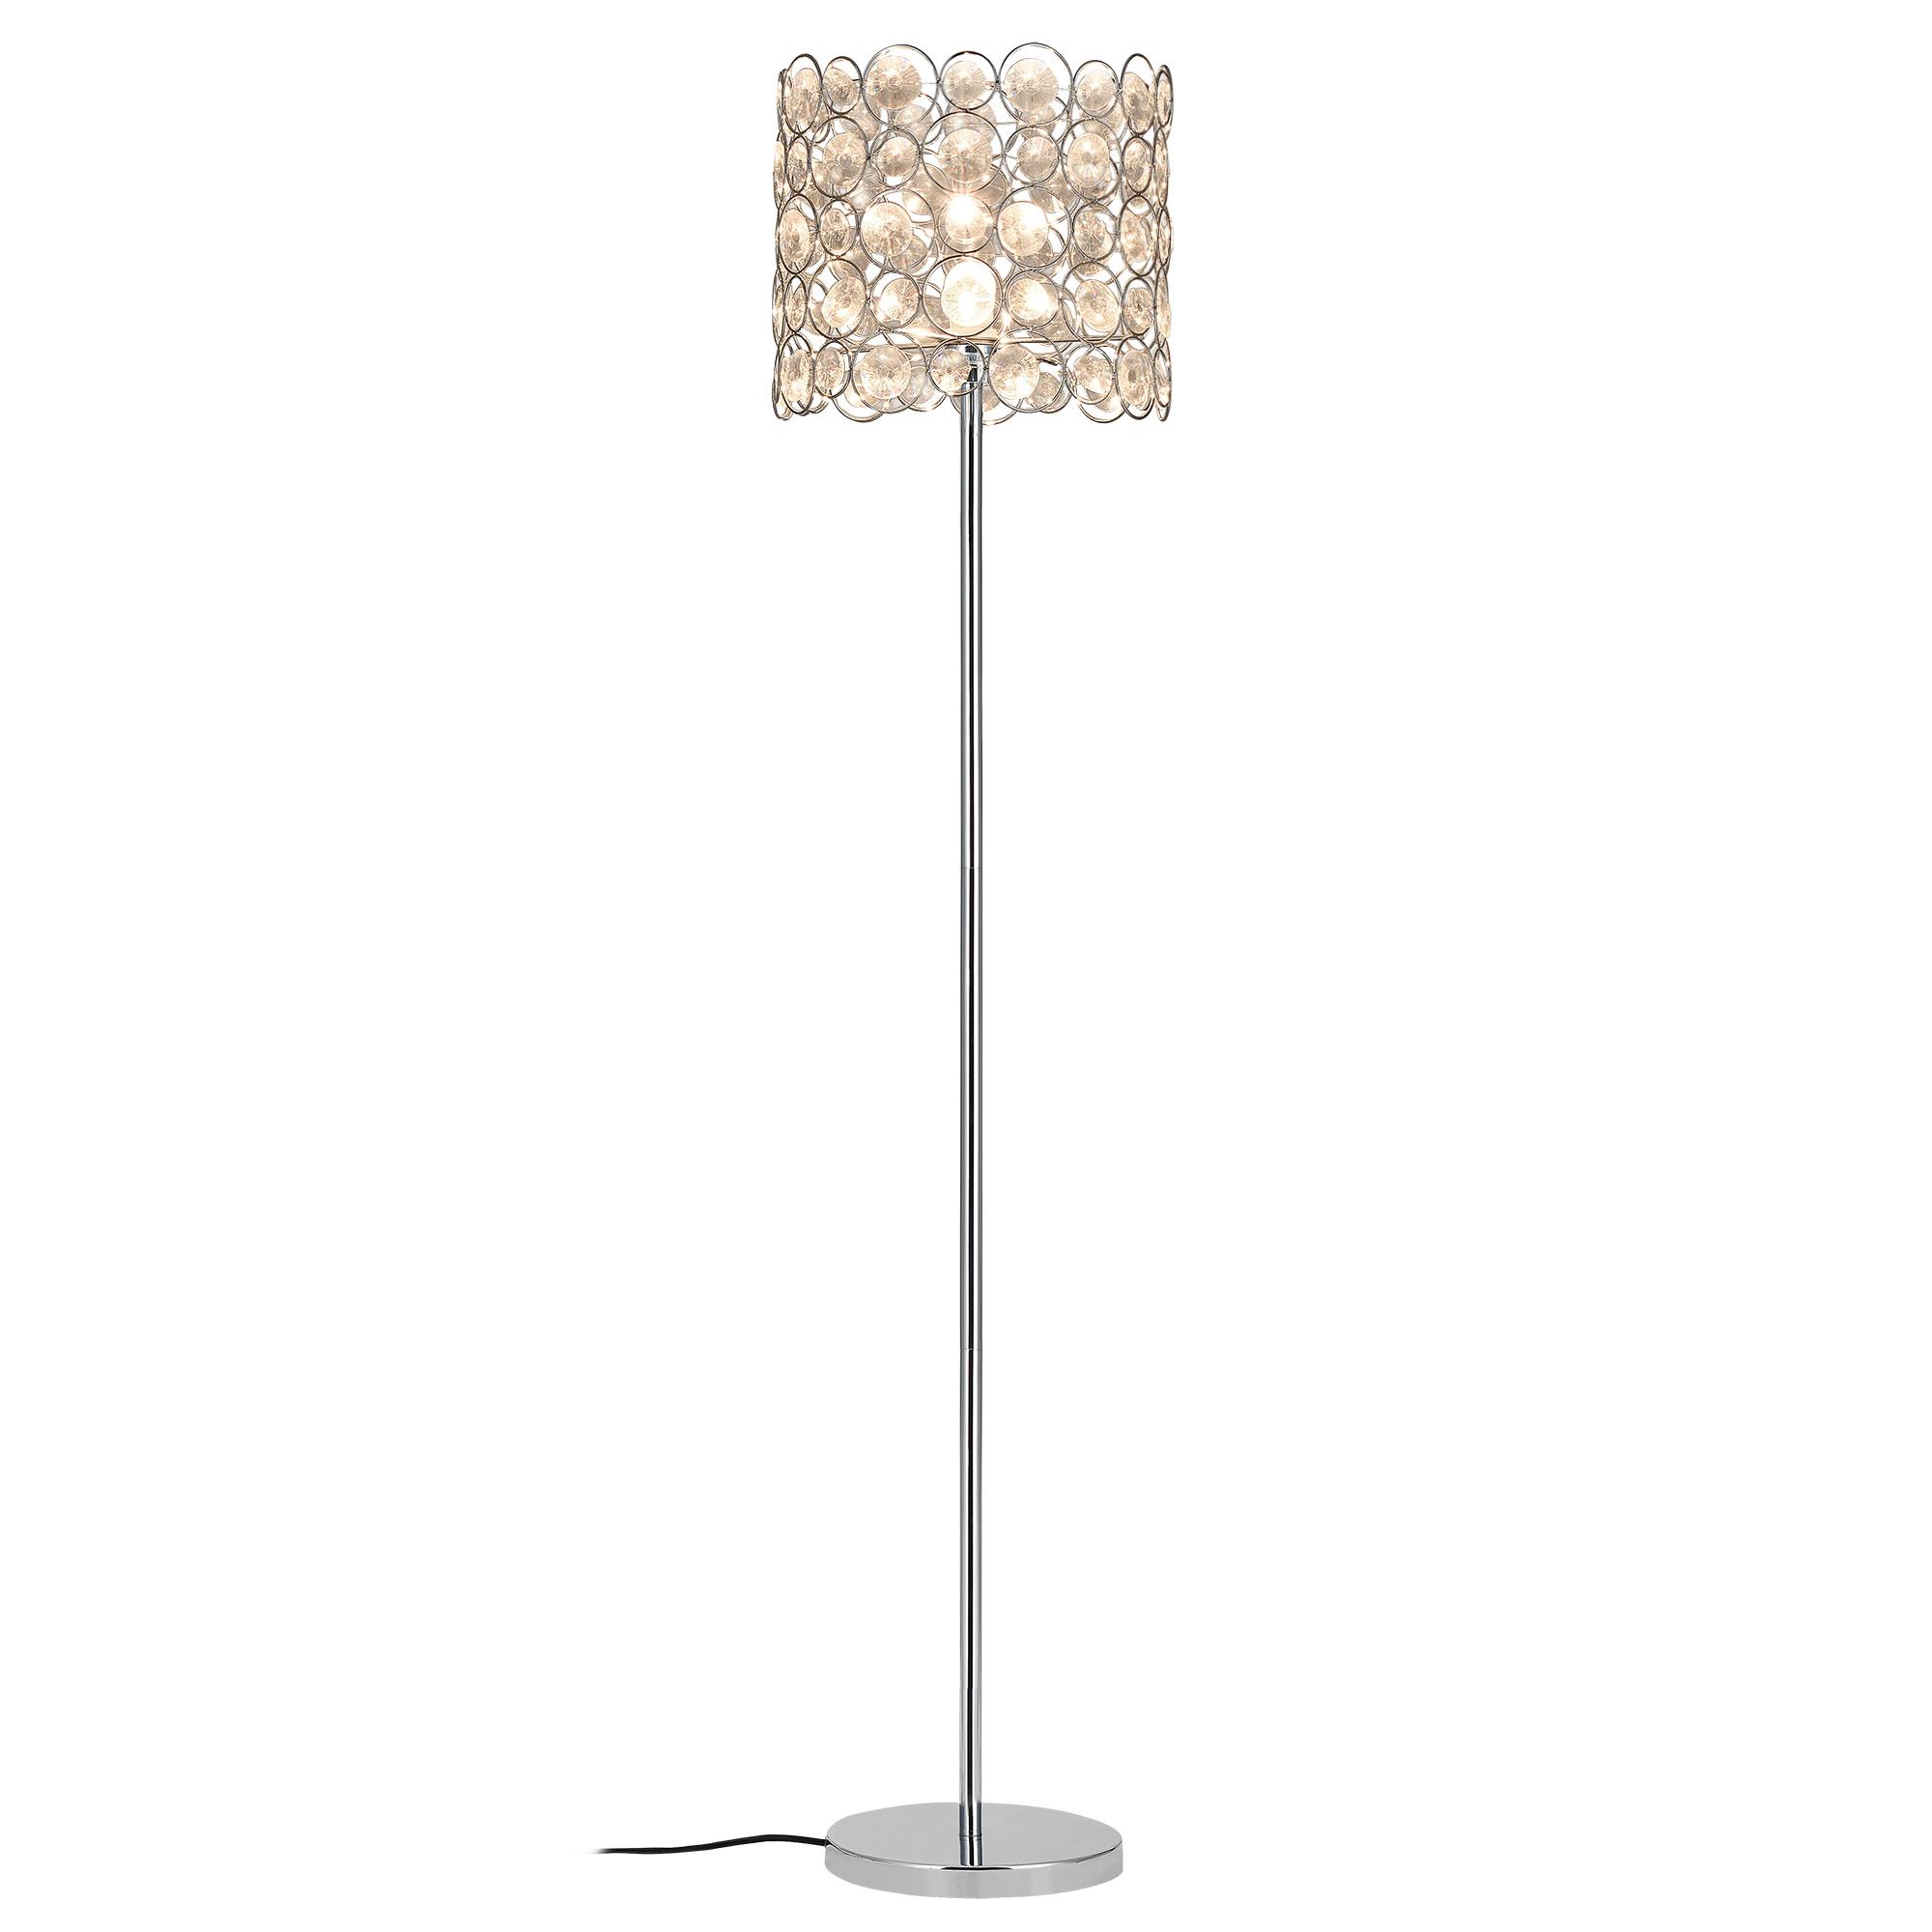 [lux.pro]® Lampa de podea eleganta – CrystalTree 1 x E 27 – 60W – crom